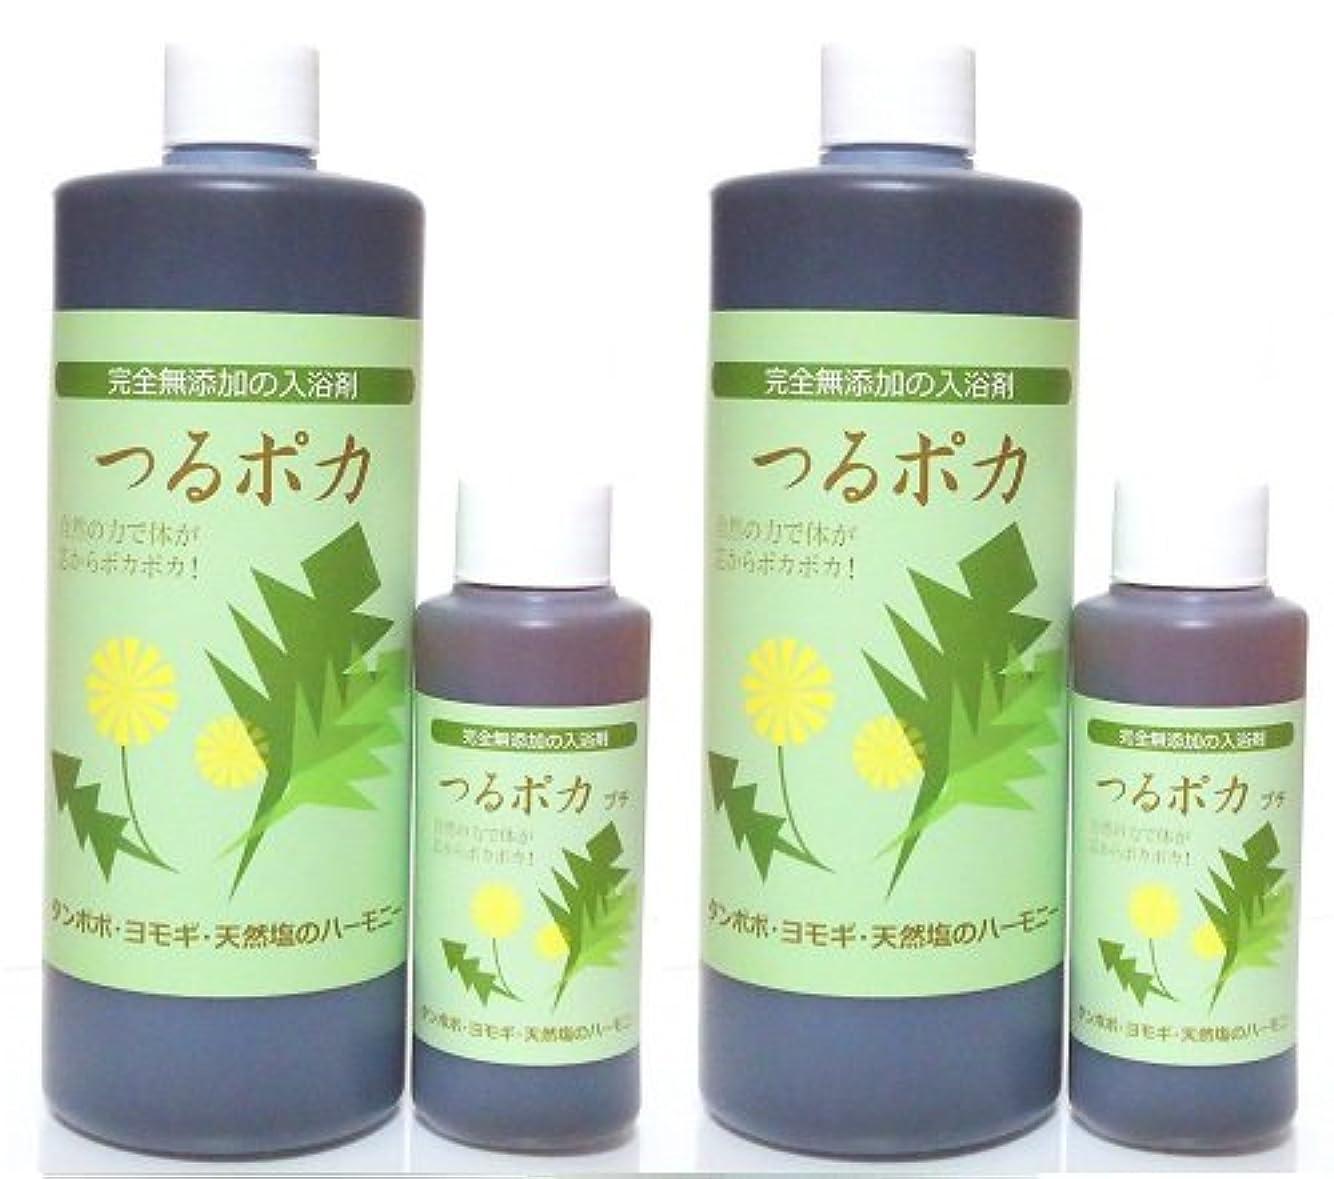 透けるロイヤリティ公使館ばんのう酵母くん姉妹品つるポカ入浴剤アーデンモア2本セットおまけ付き